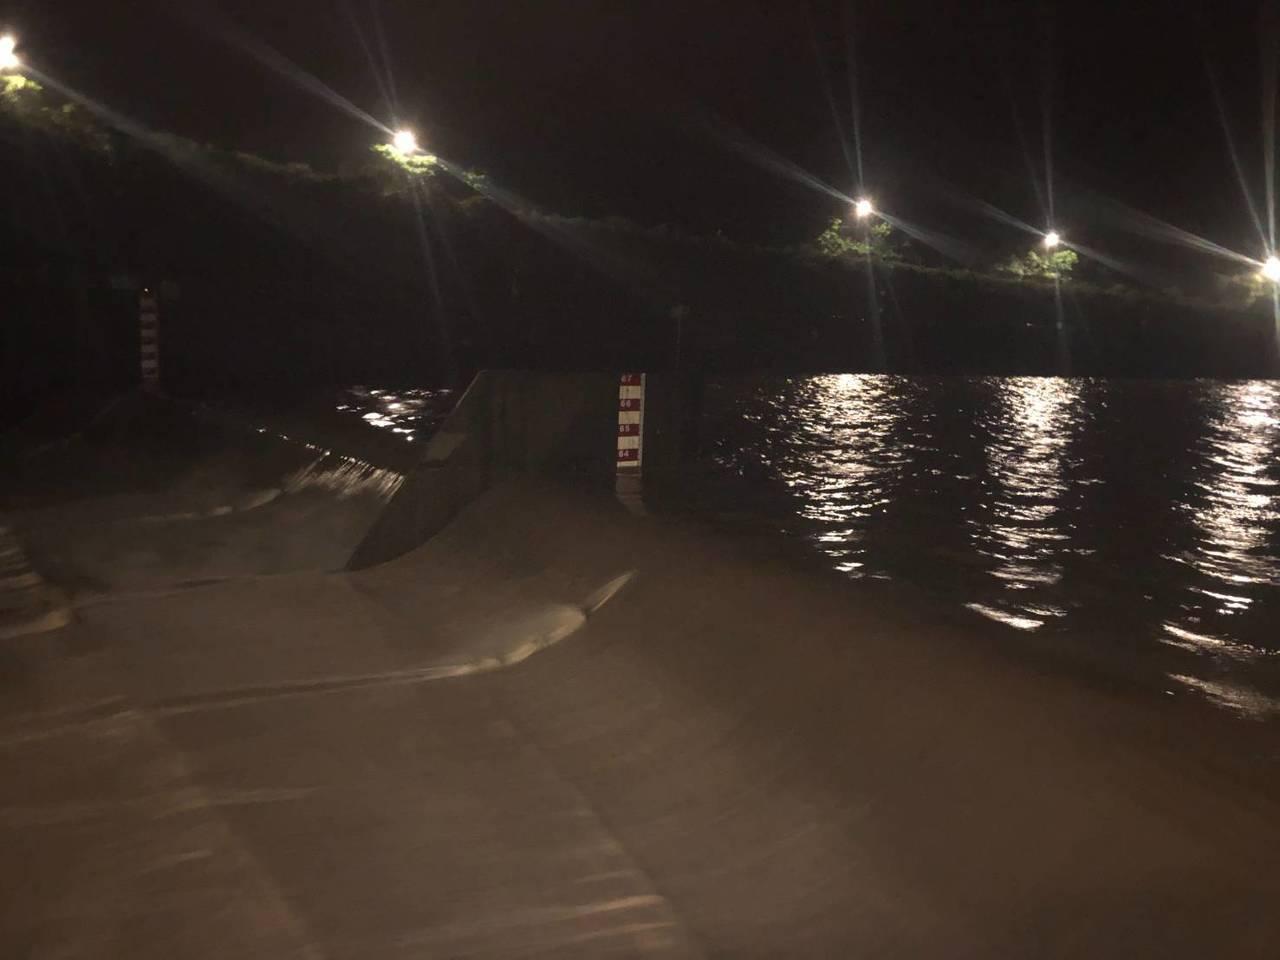 台灣北部及東北部持續降雨,基隆河水位上升,員山子今晚8時45分開始分洪,為今年第...